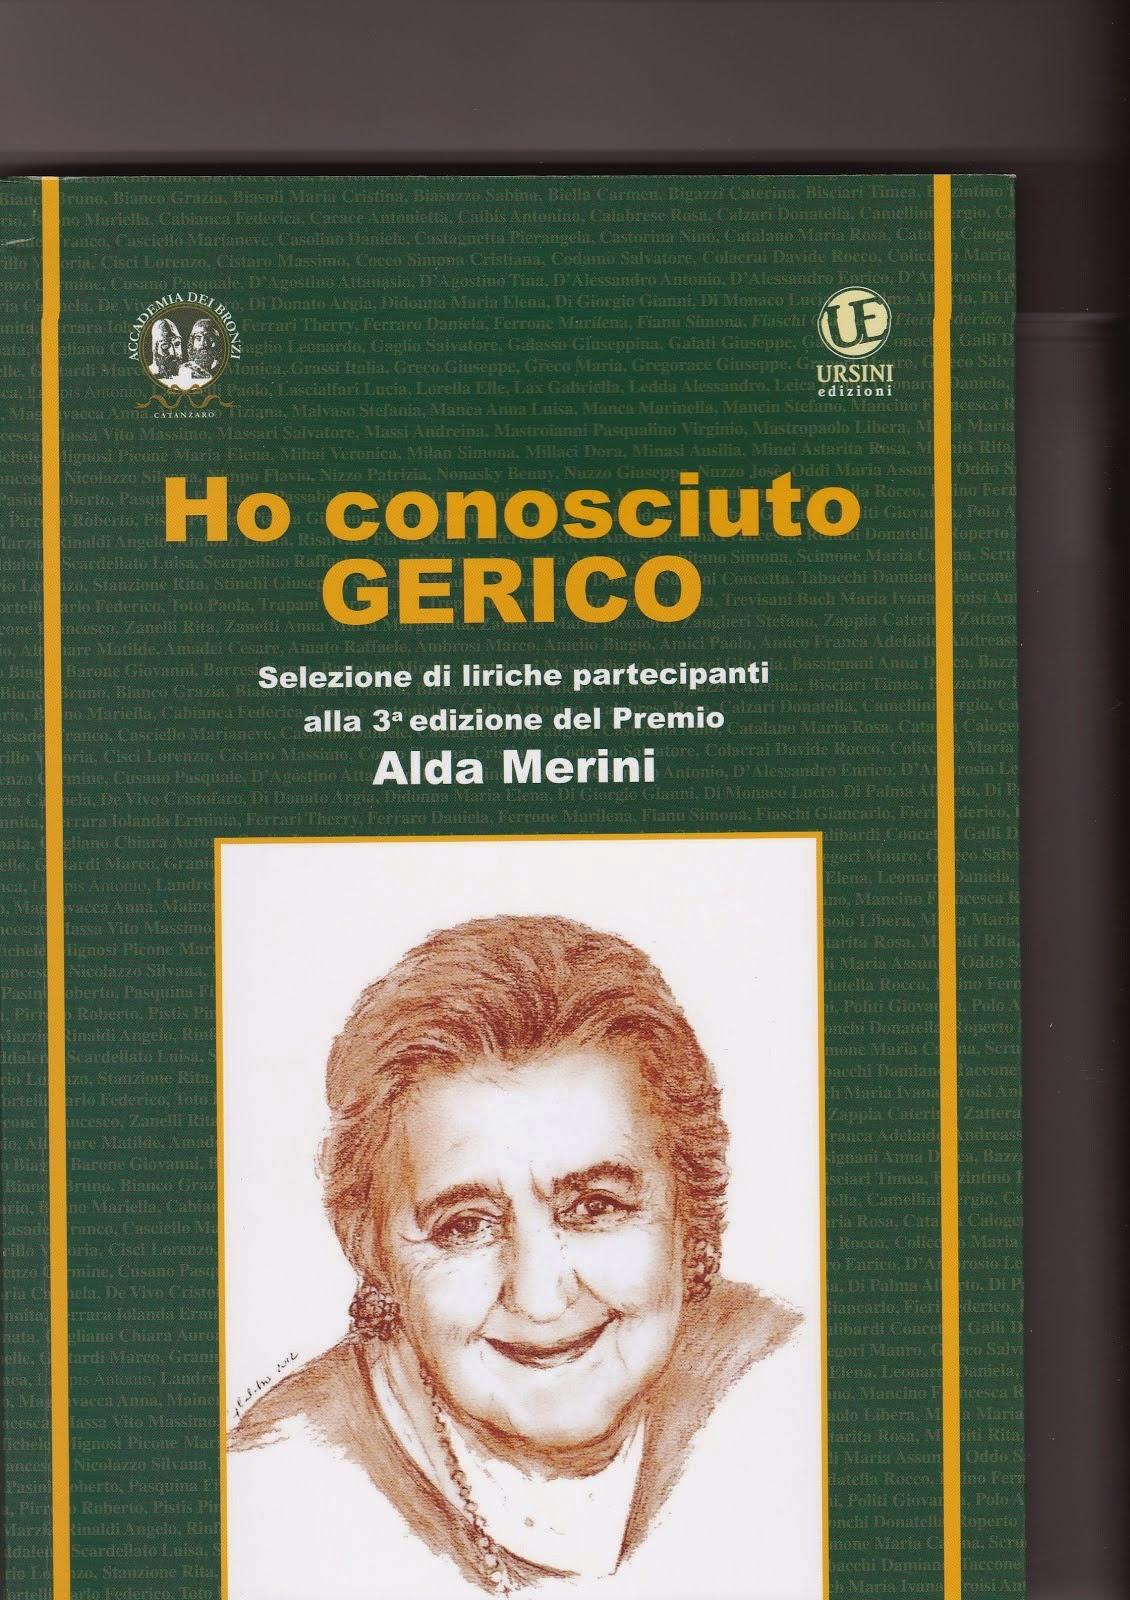 Dedicato a Alda Merini - 3° Edizione Premio di Poesia